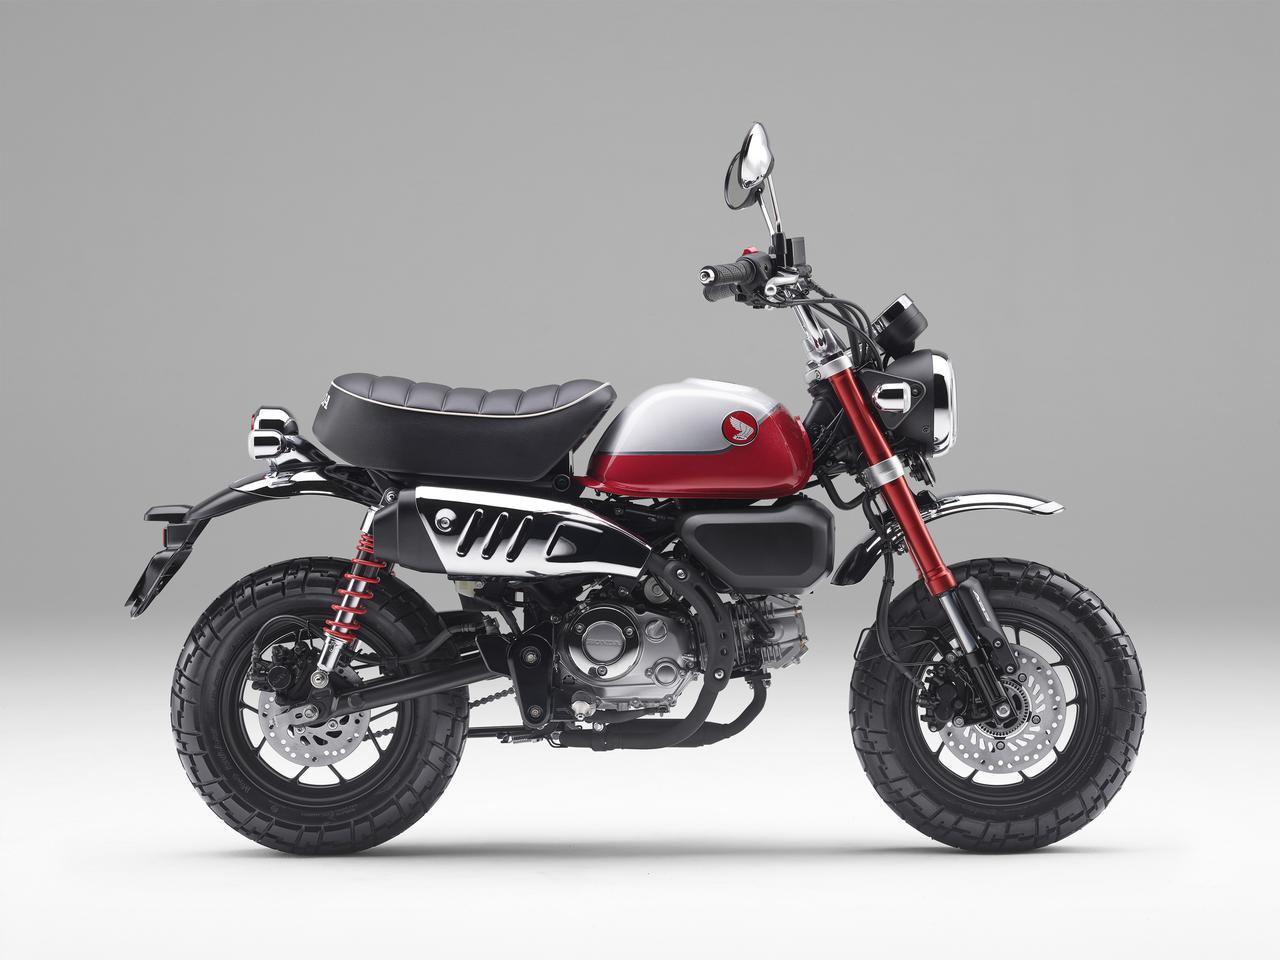 画像1: ホンダ「モンキー125」がモデルチェンジ! 新型エンジン&5速ミッションを採用、価格は従来のABS車から据え置きで発売